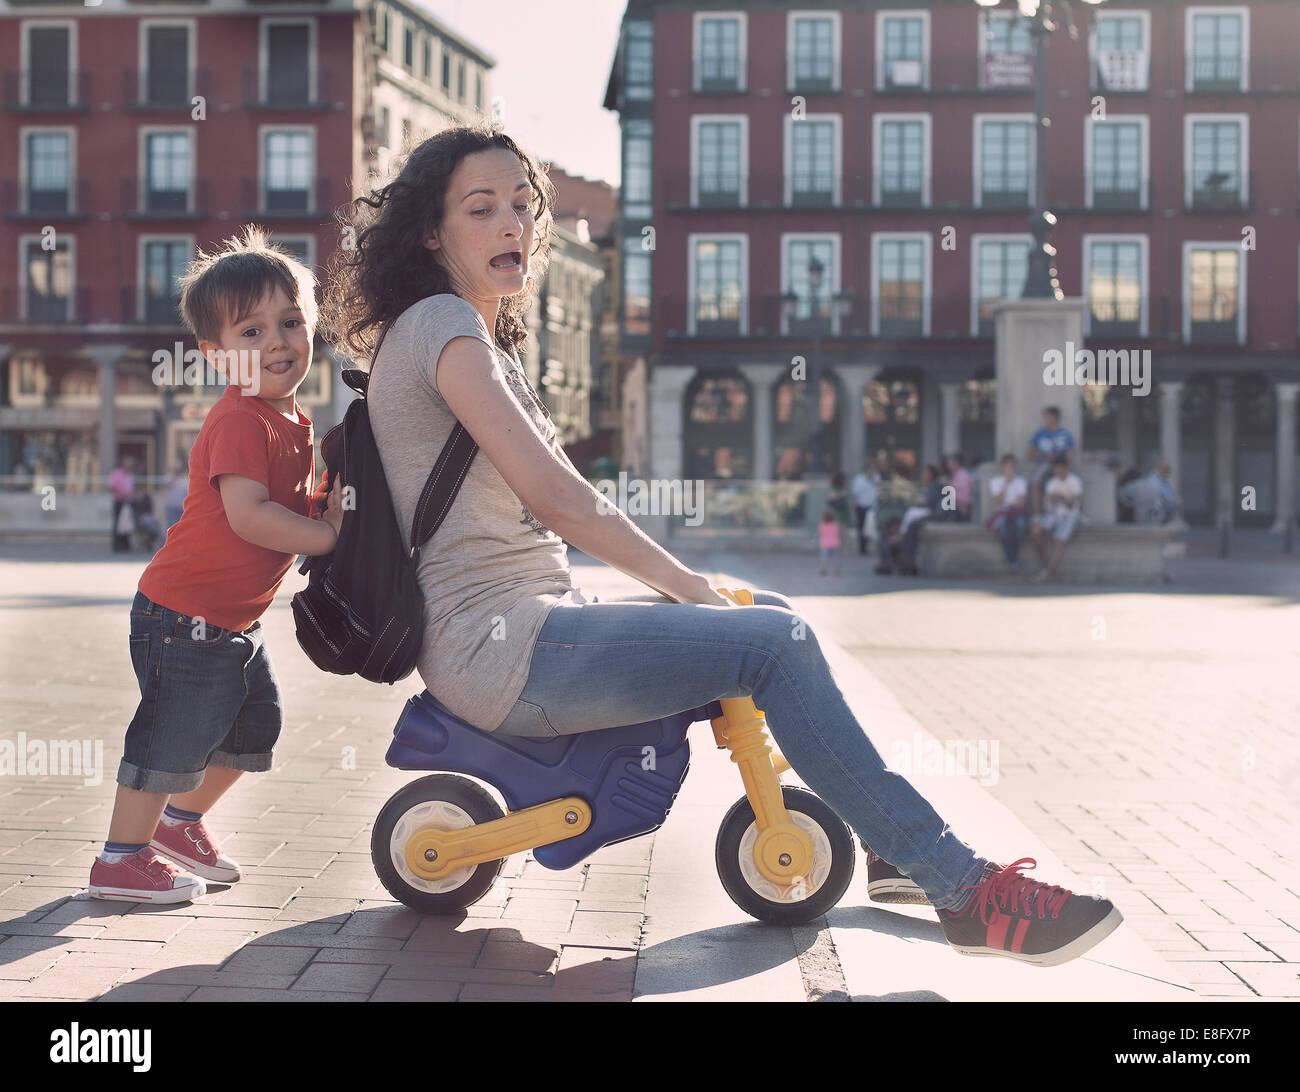 Niño empujando a su madre en un triciclo de juguete Imagen De Stock